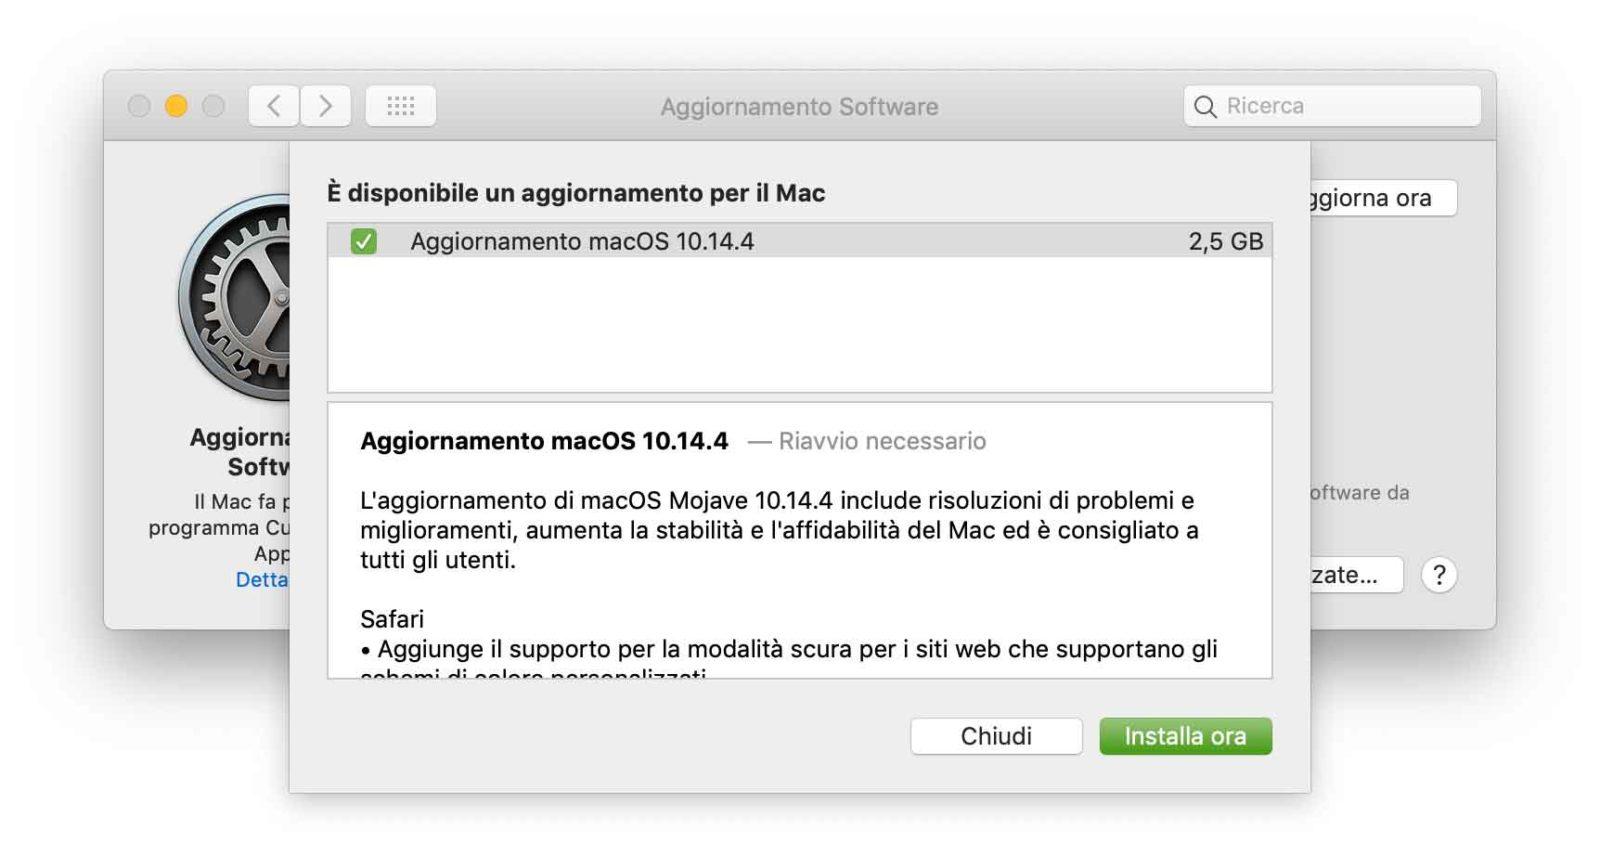 Aggiornamento a macOS 10.14.4